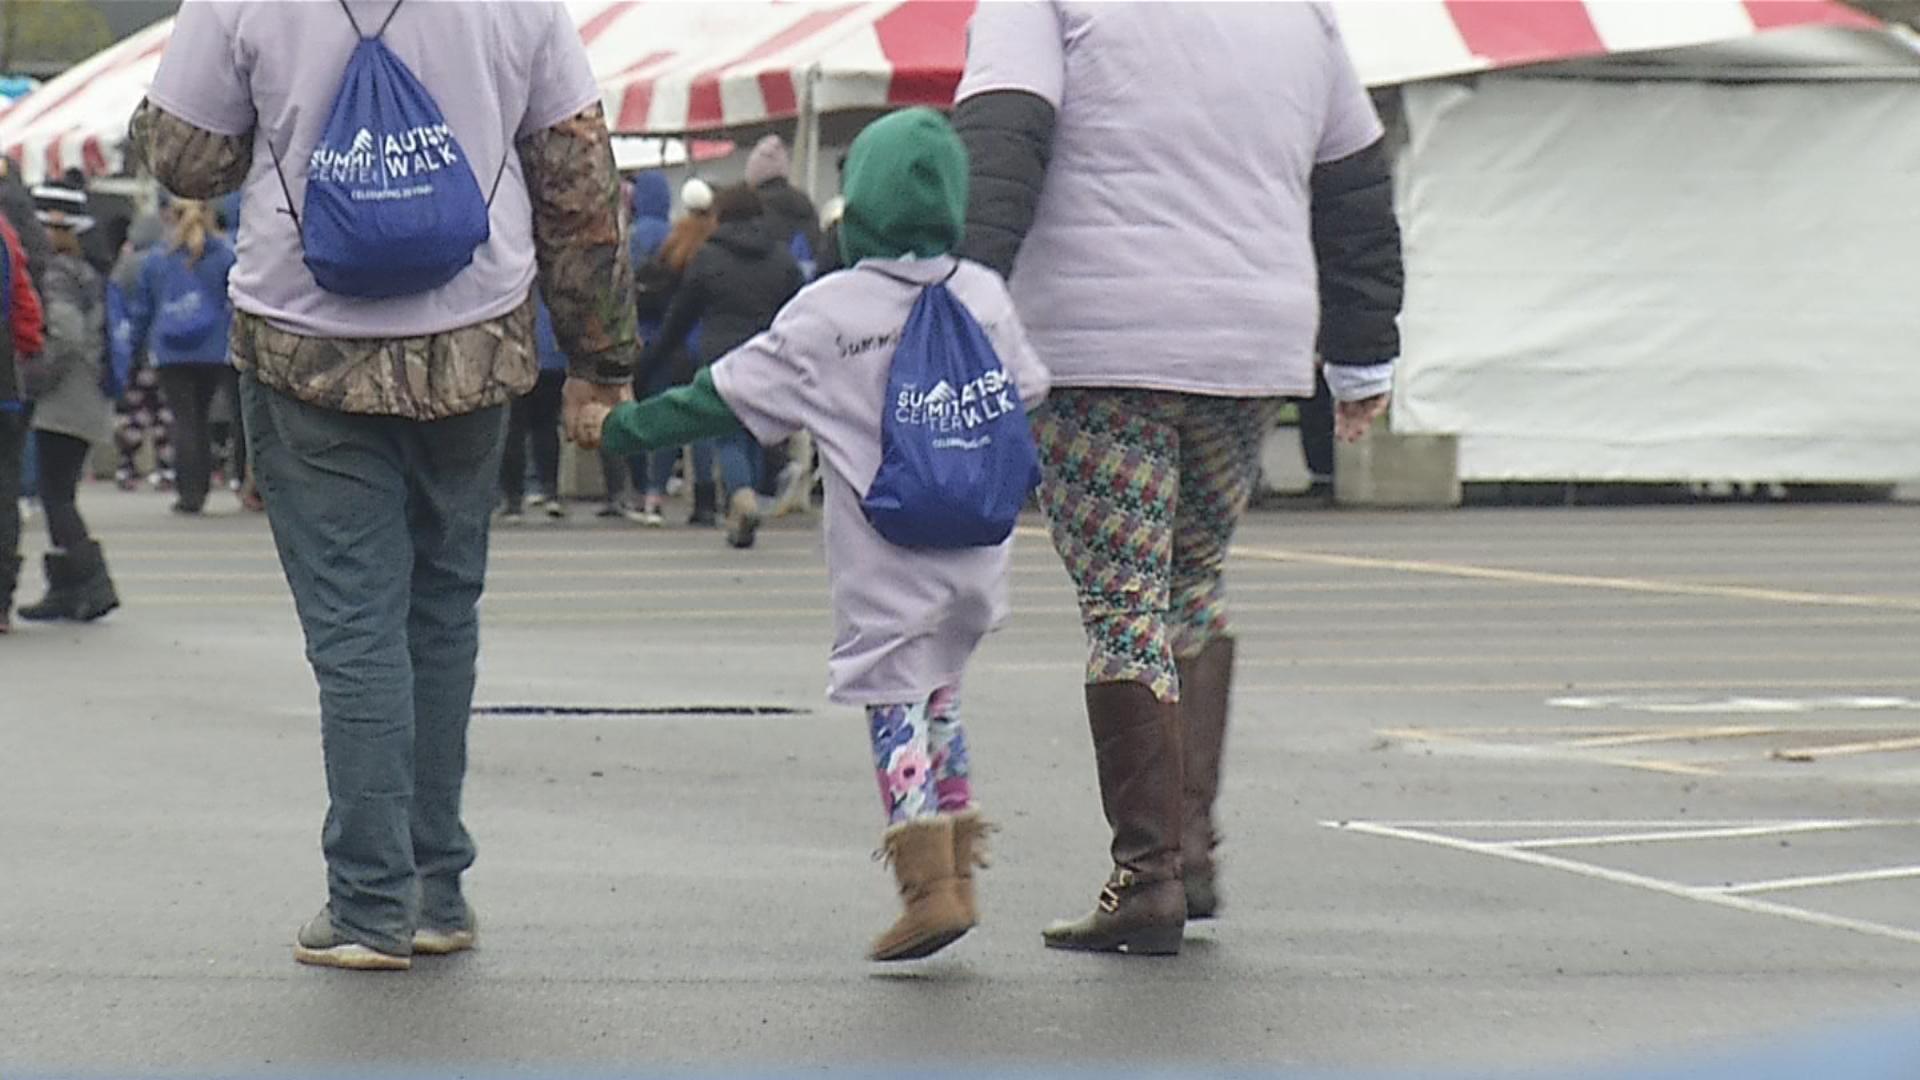 autism walk_1556383193641.jpg.jpg